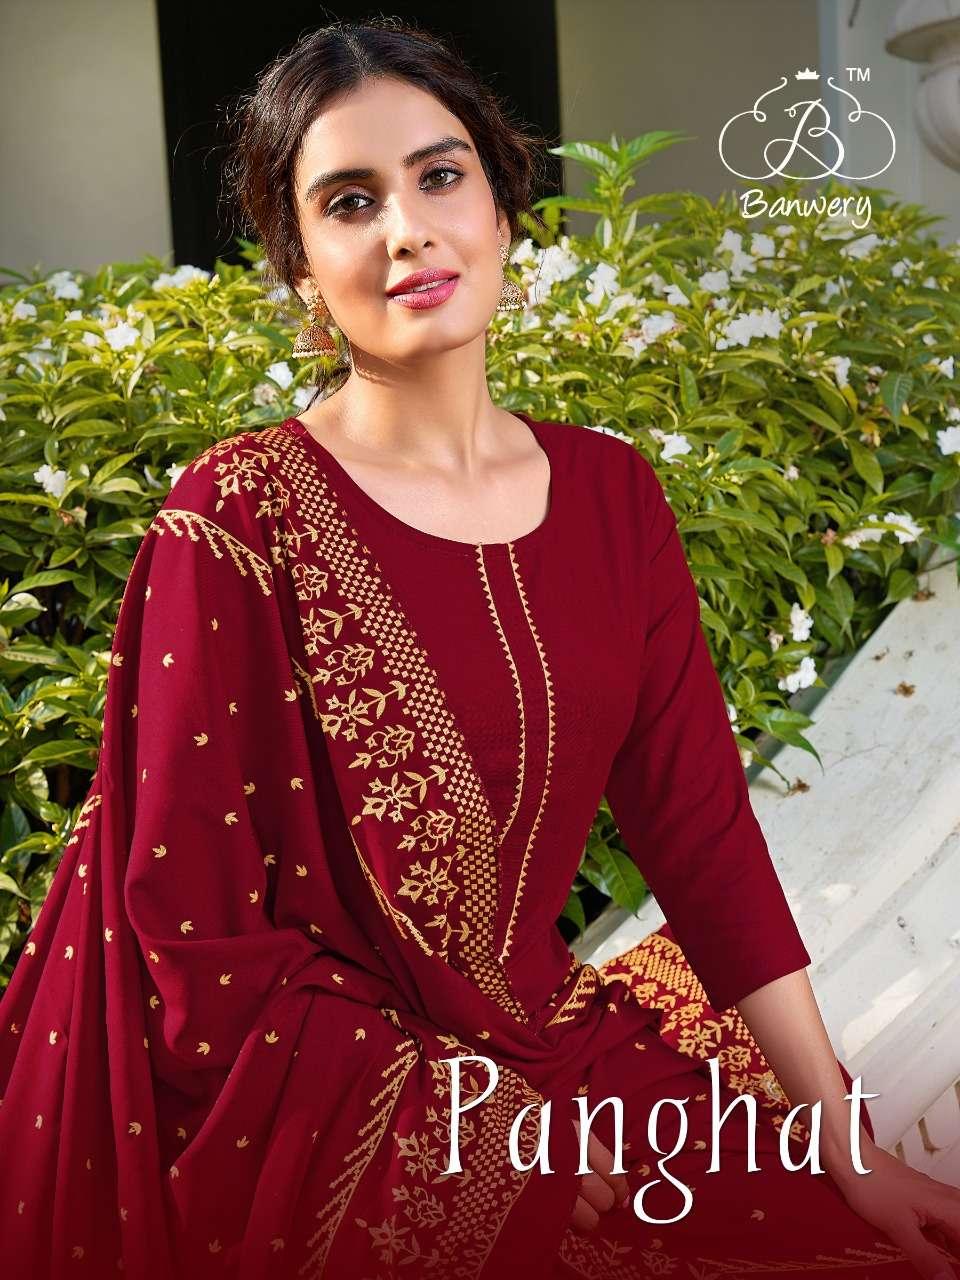 Panghat Rayon Kurti Pant With Dupatta By Banwery